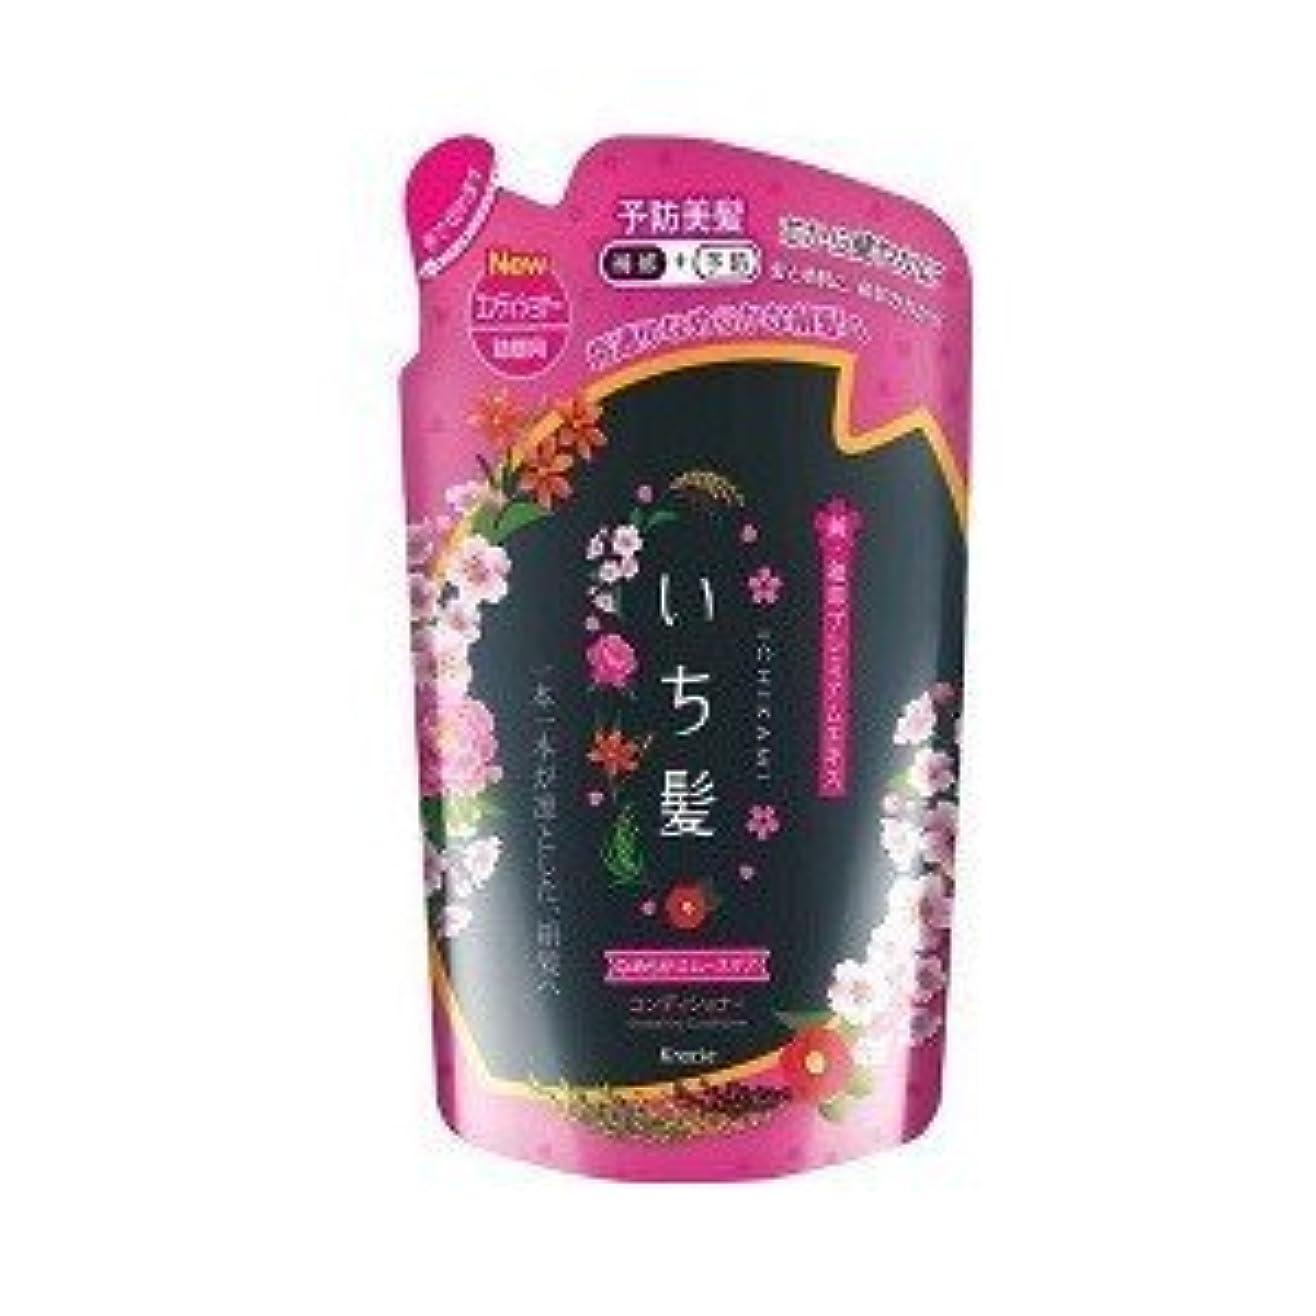 容器壁紙強制(クラシエホームプロダクツ)いち髪 なめらかスムースケア コンディショナー 詰替用 340g(お買い得3個セット)